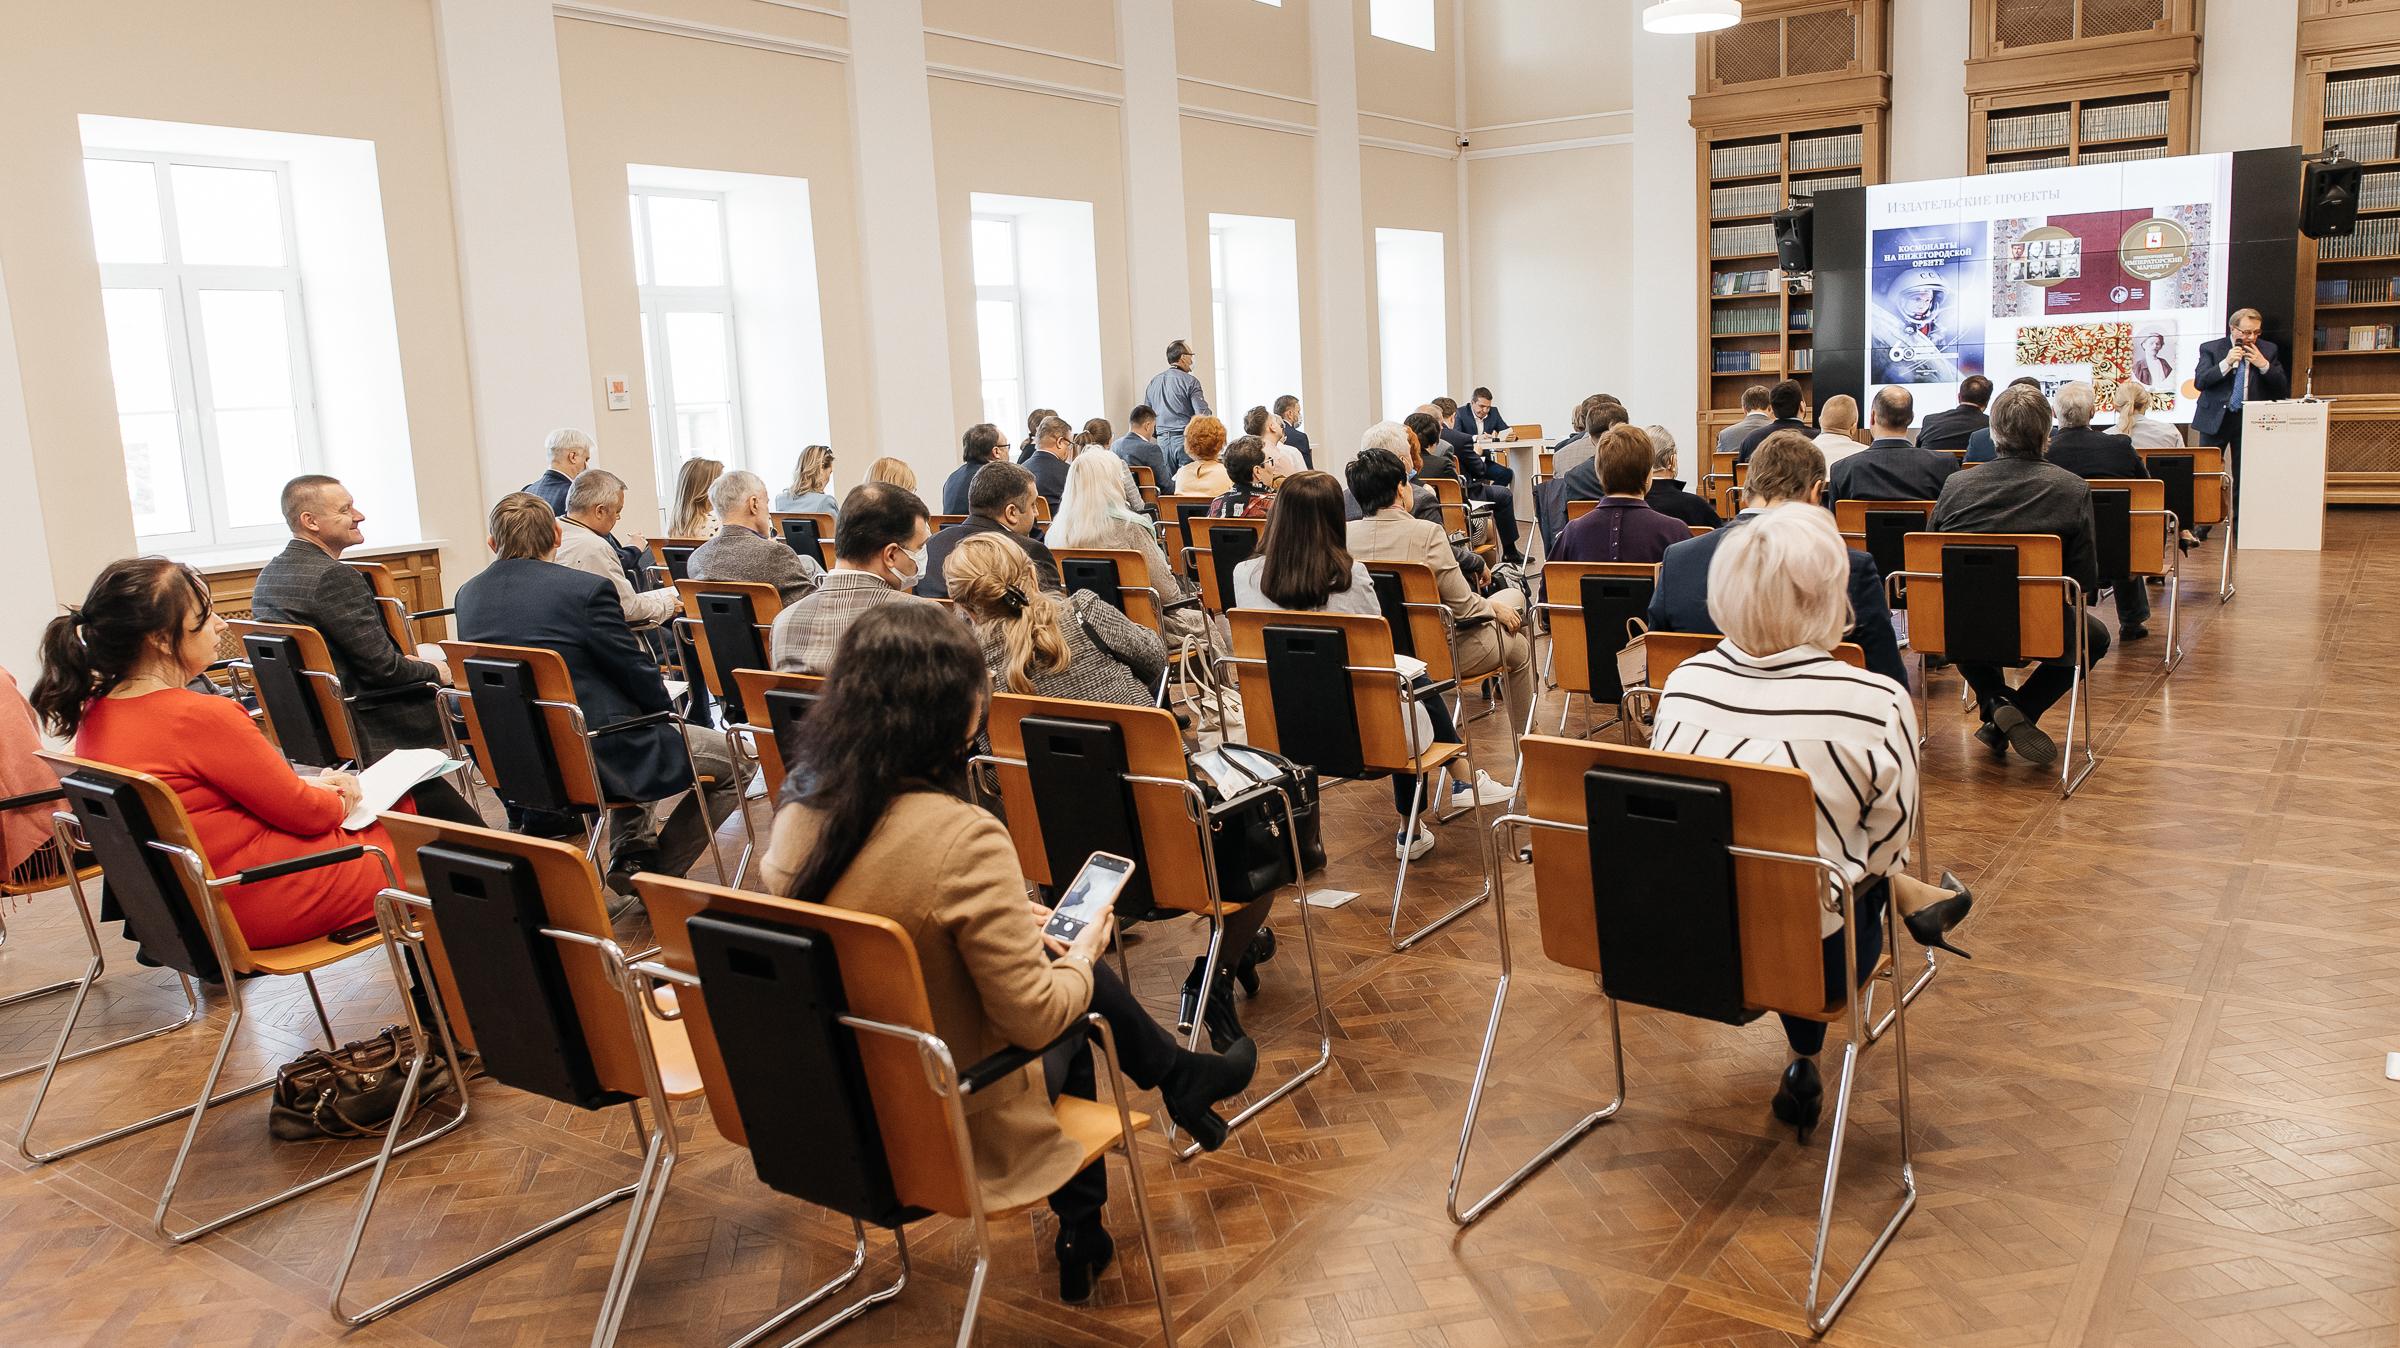 Мининский университет планирует создать маркетплейс для мастеров и Ремесленный квартал в Нижнем Новгороде